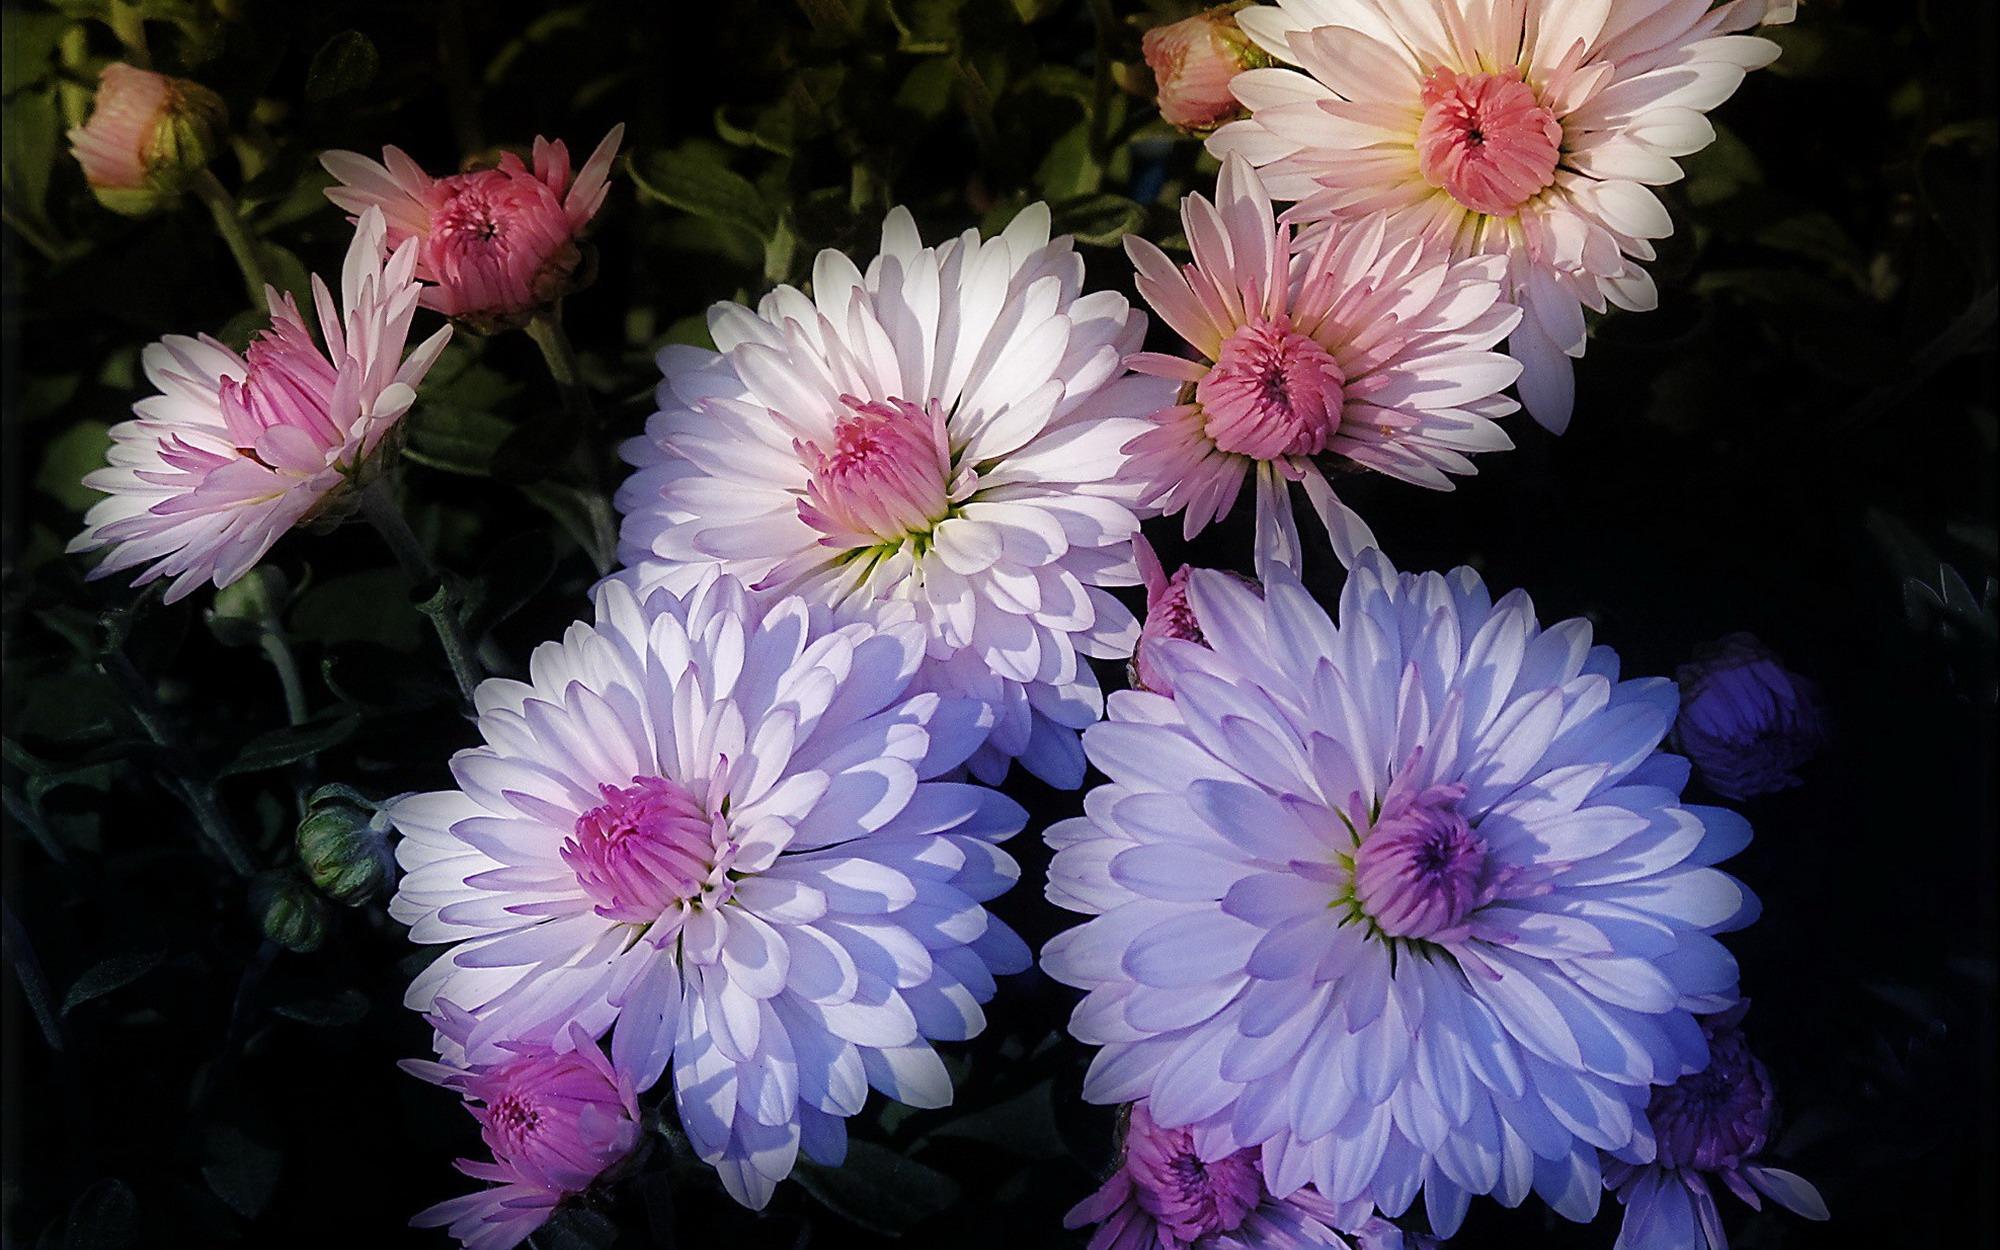 Обои на рабочий стол Цветы хризантемы   подборка (29)